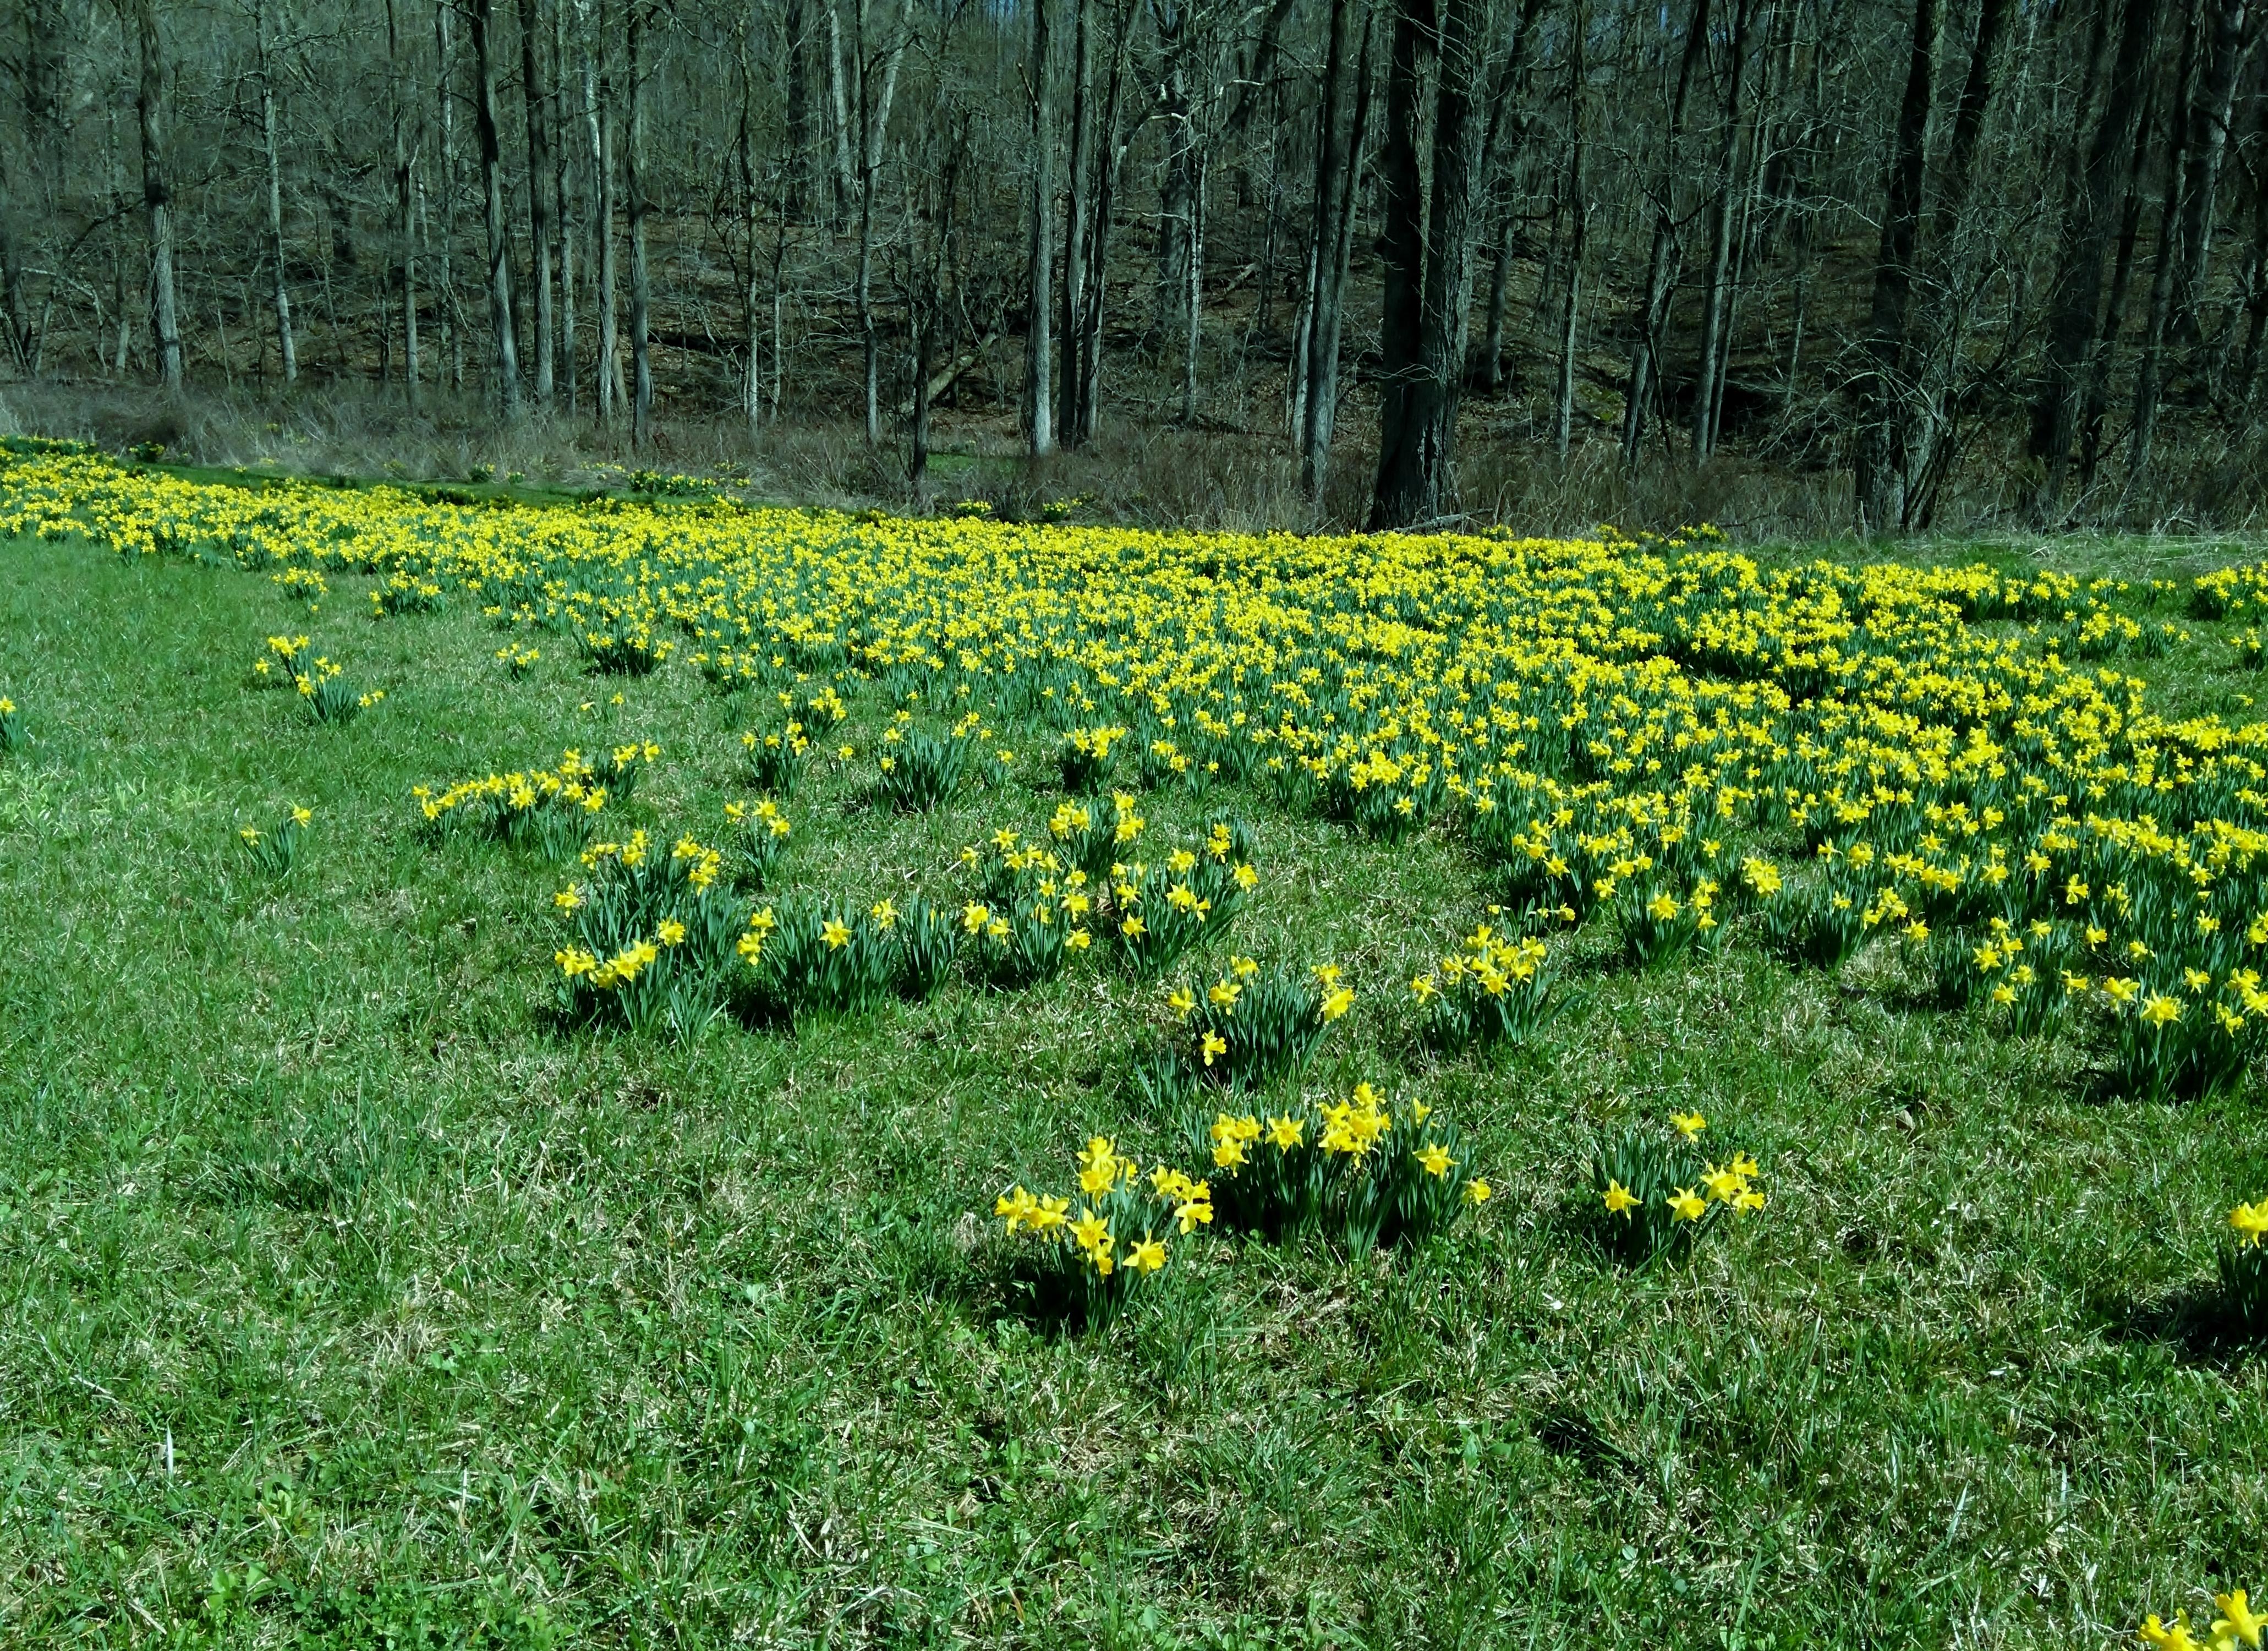 Yellow Daffodils Song Blog Daffodils Sweep